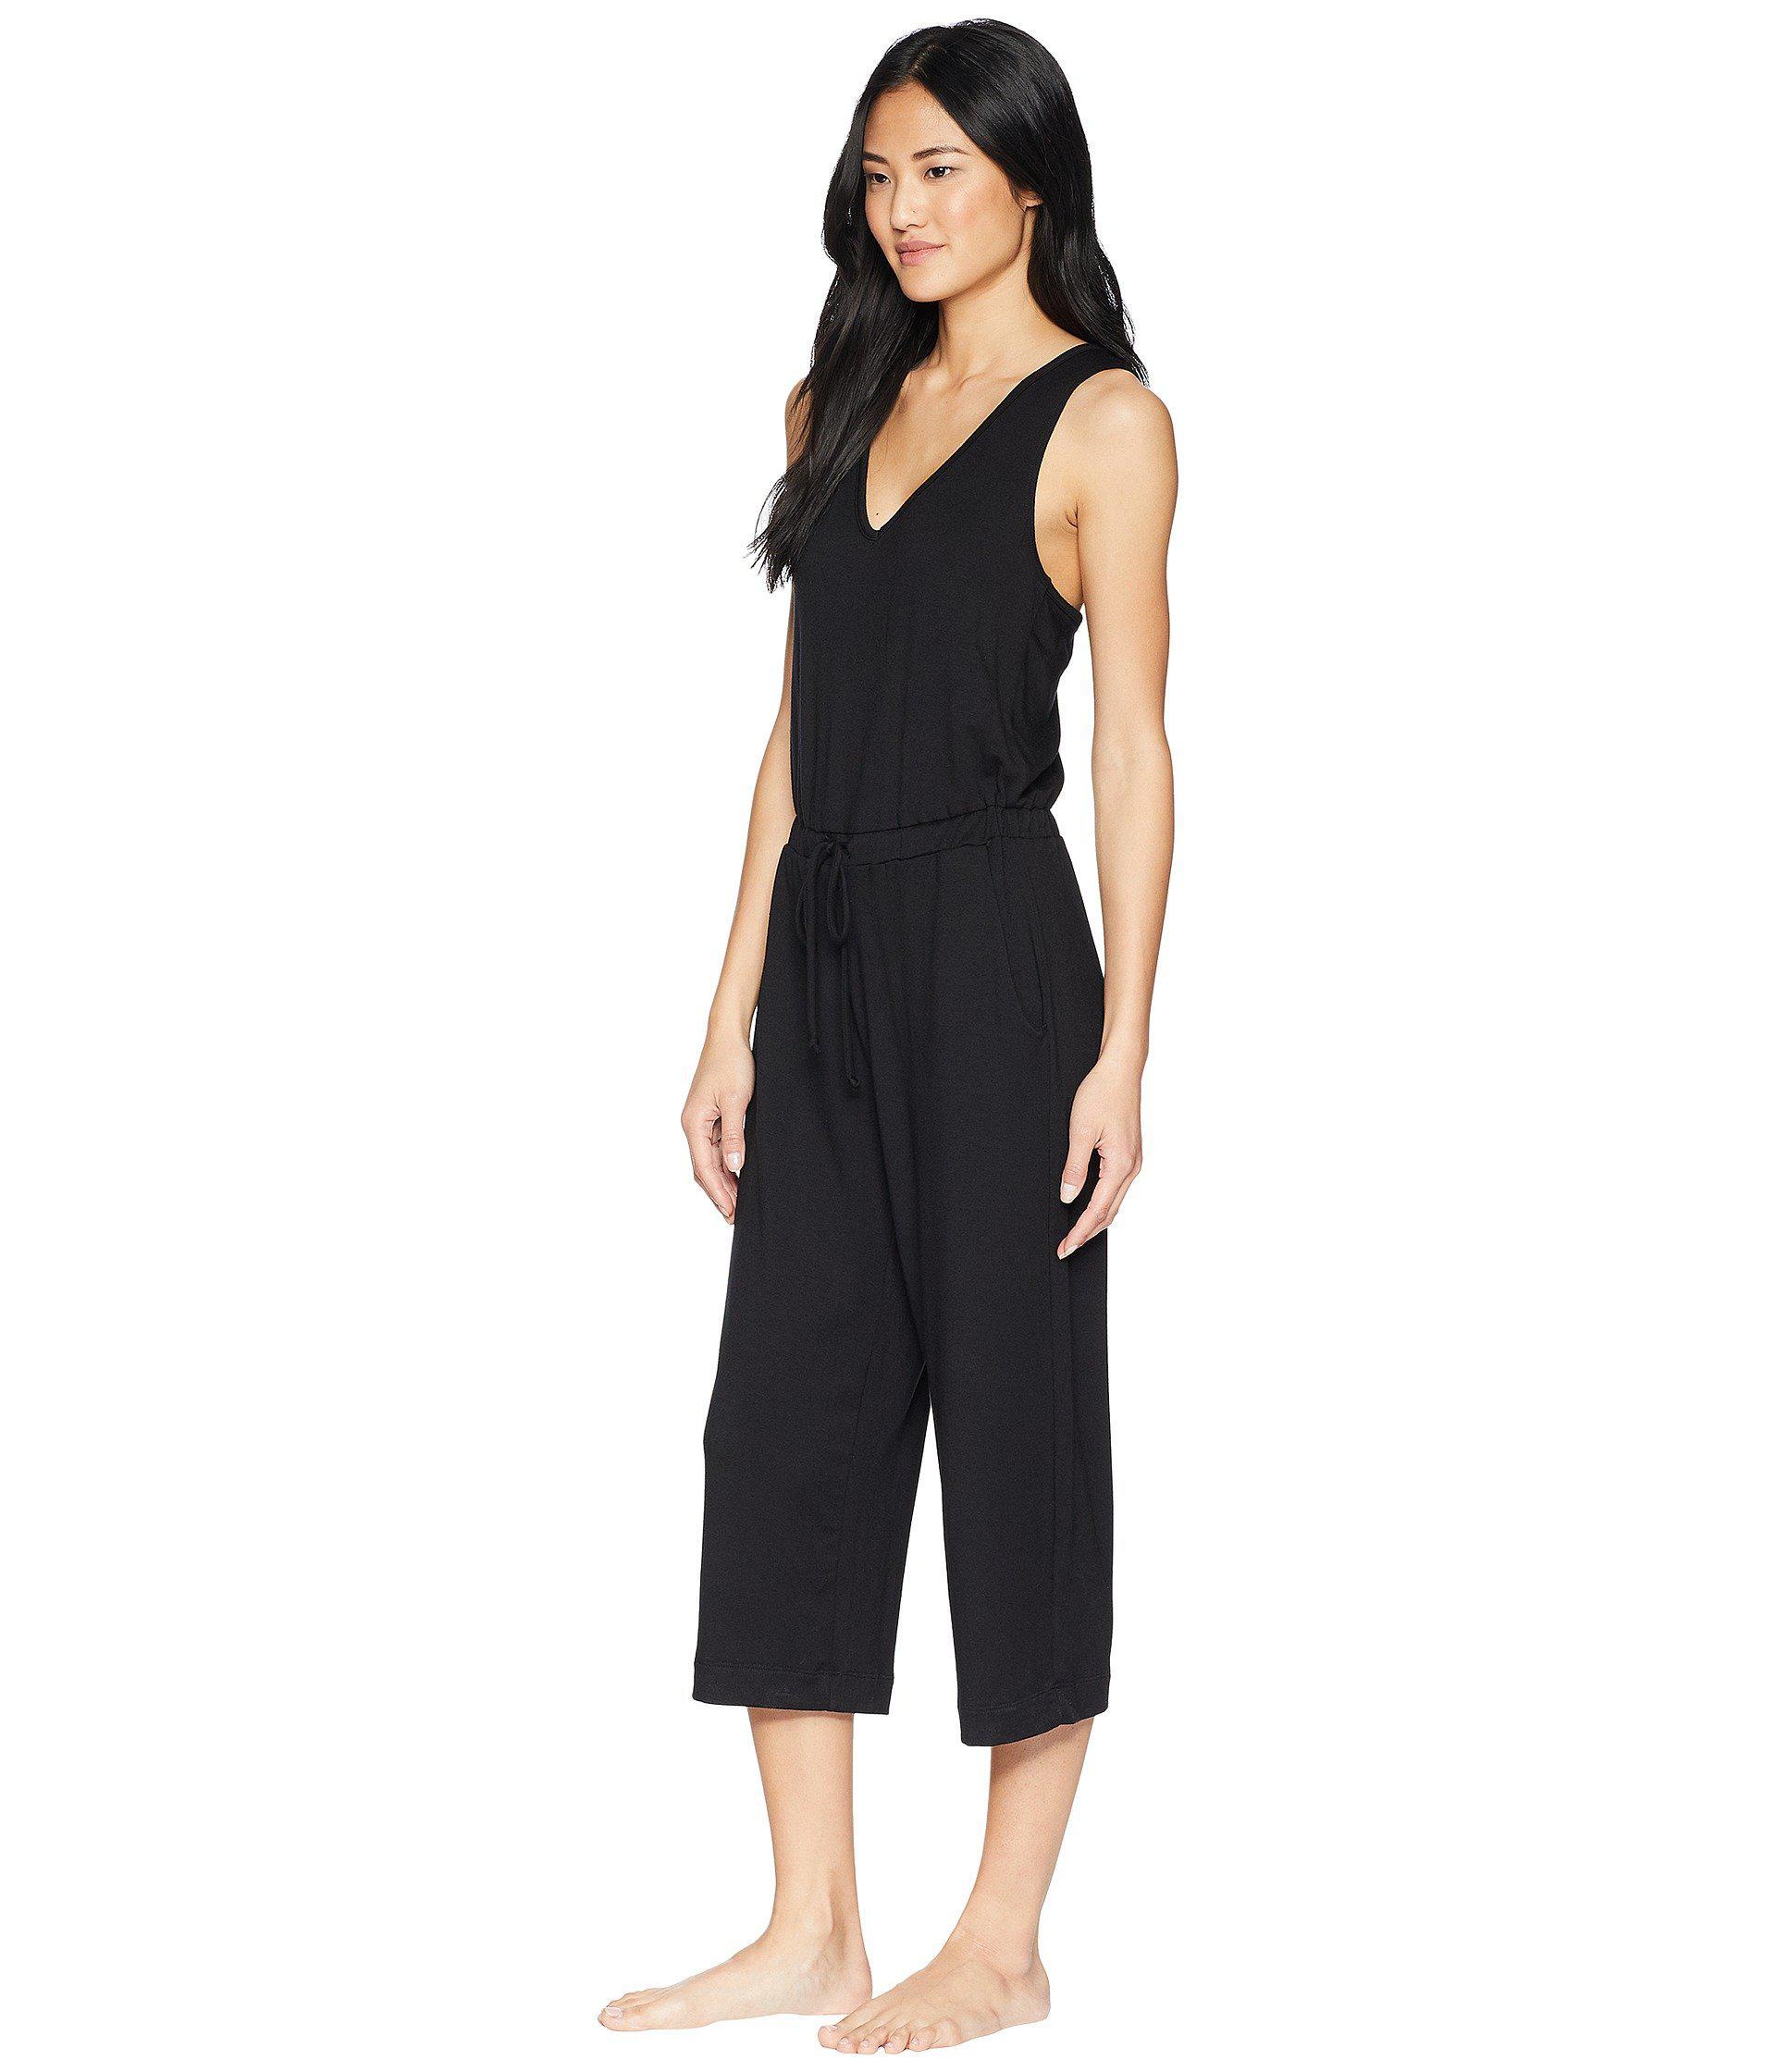 c4d0a9c7bd4e Lyst - Beyond Yoga Farrah Cropped Jumpsuit (black) Women s Jumpsuit    Rompers One Piece in Black